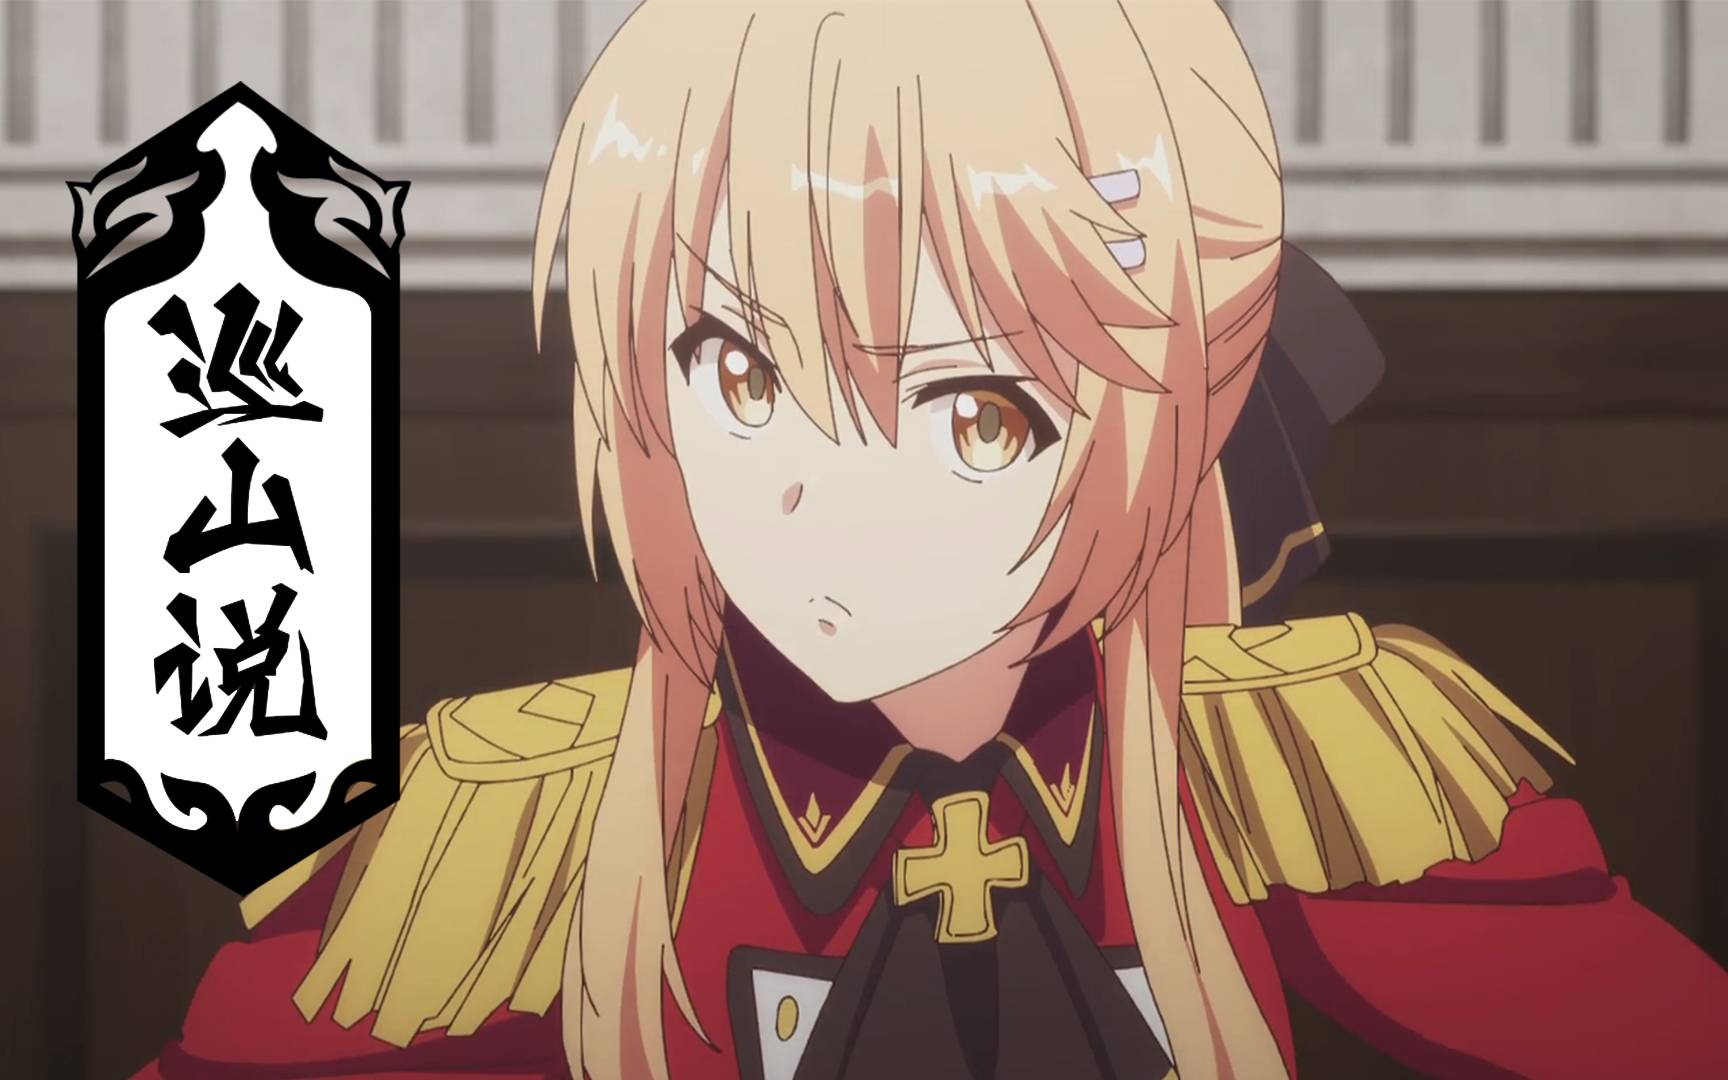 七月新番推荐!穿越勇者都弱爆了,老子直接当国王!